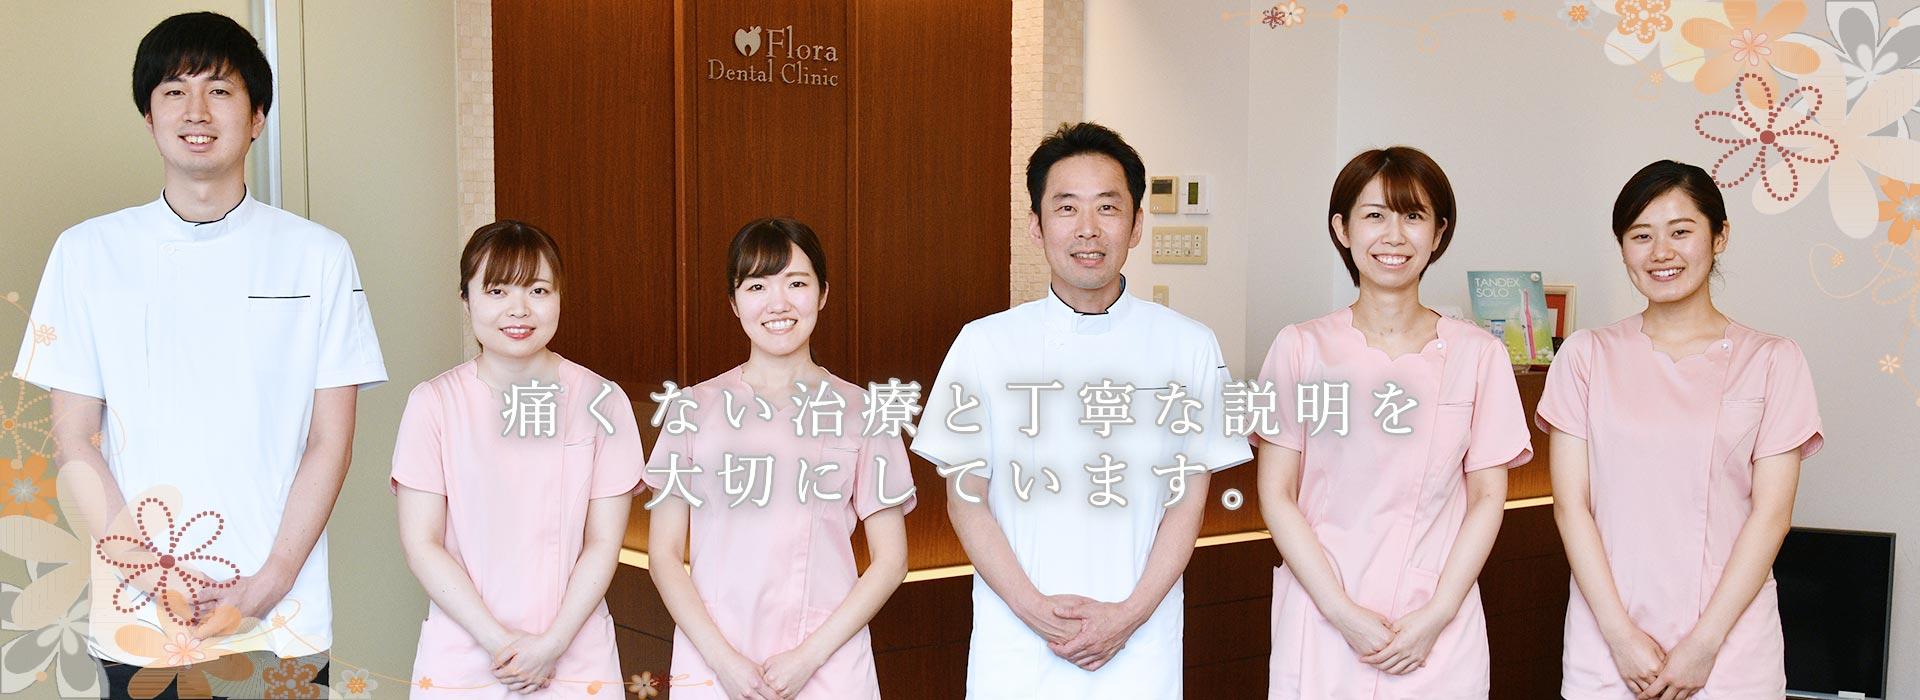 歯科医師が全国から学びに来る最新技術で、歯の「本当の健康」をサポートします